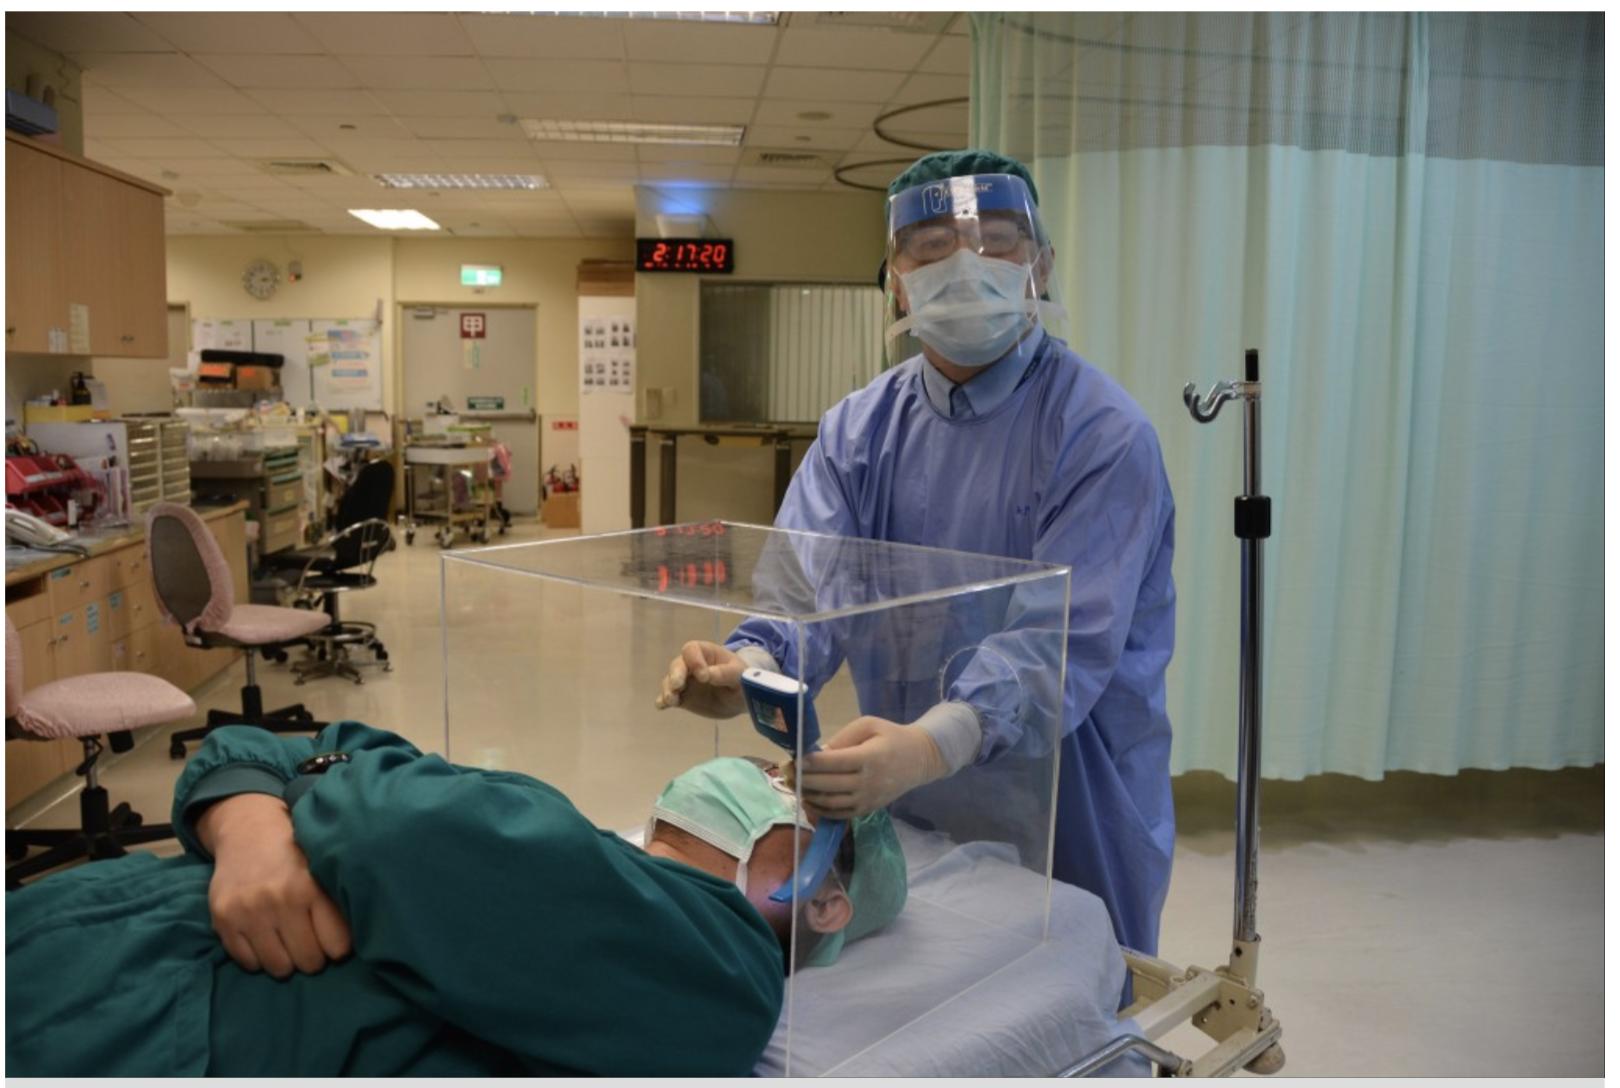 """""""lồng khám bệnh"""" của bác sĩ người Đài Loan đang giúp cho các lực lượng y tế Mỹ - ảnh: Taiwannews"""